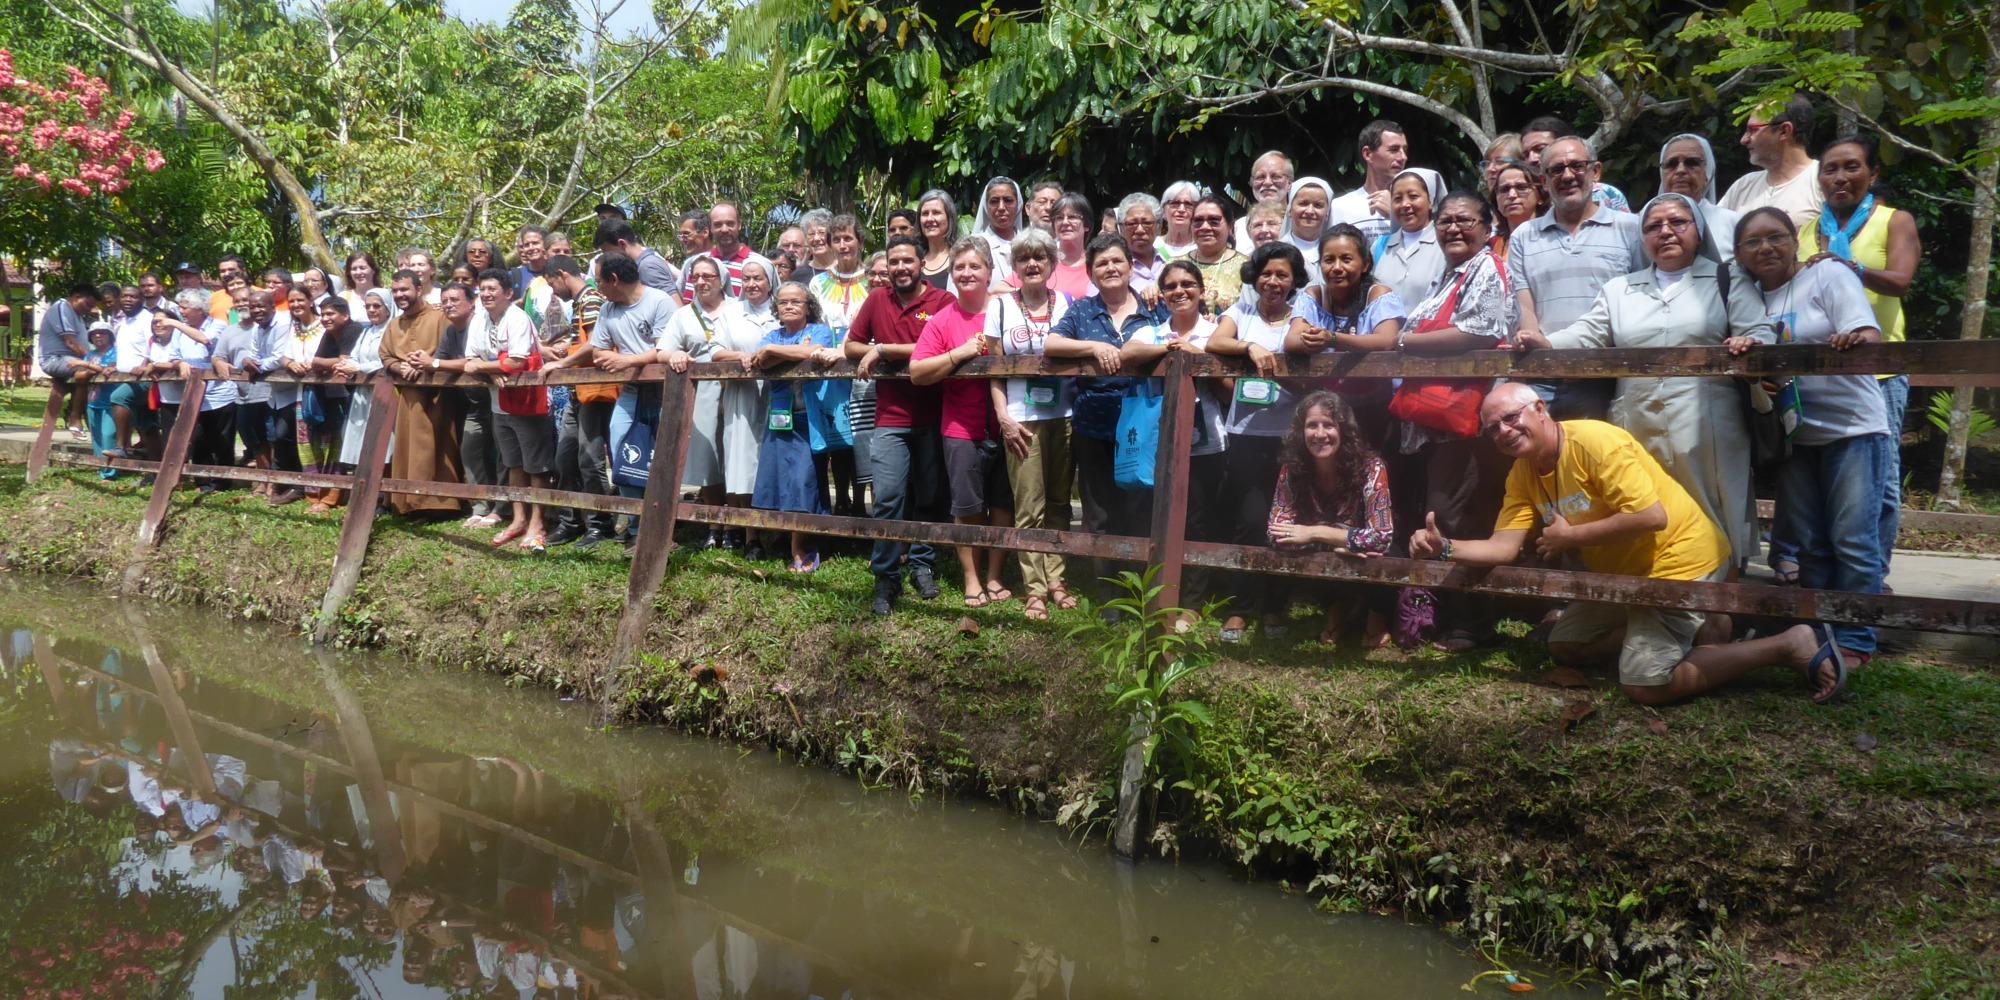 Vida religiosa en la Amazonía